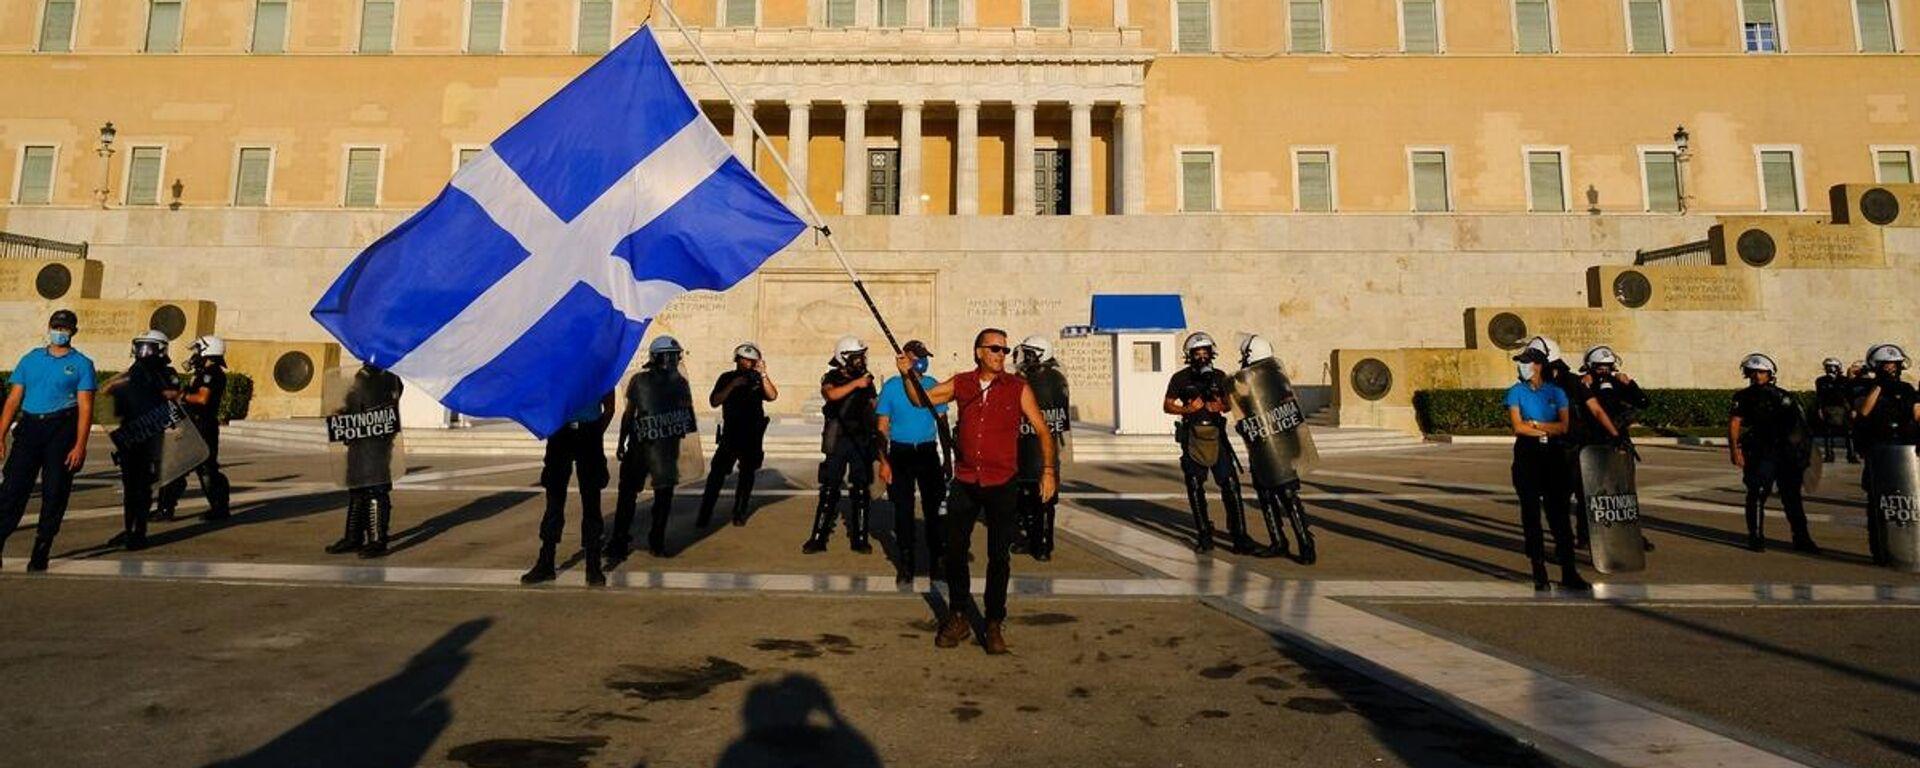 Συγκέντρωση και πορεία διαμαρτυρίας κατά του υποχρεωτικού εμβολιασμού κατά του κορωνοϊού, στην Αθήνα, 29 Αυγούστου 2021. - Sputnik Ελλάδα, 1920, 26.09.2021